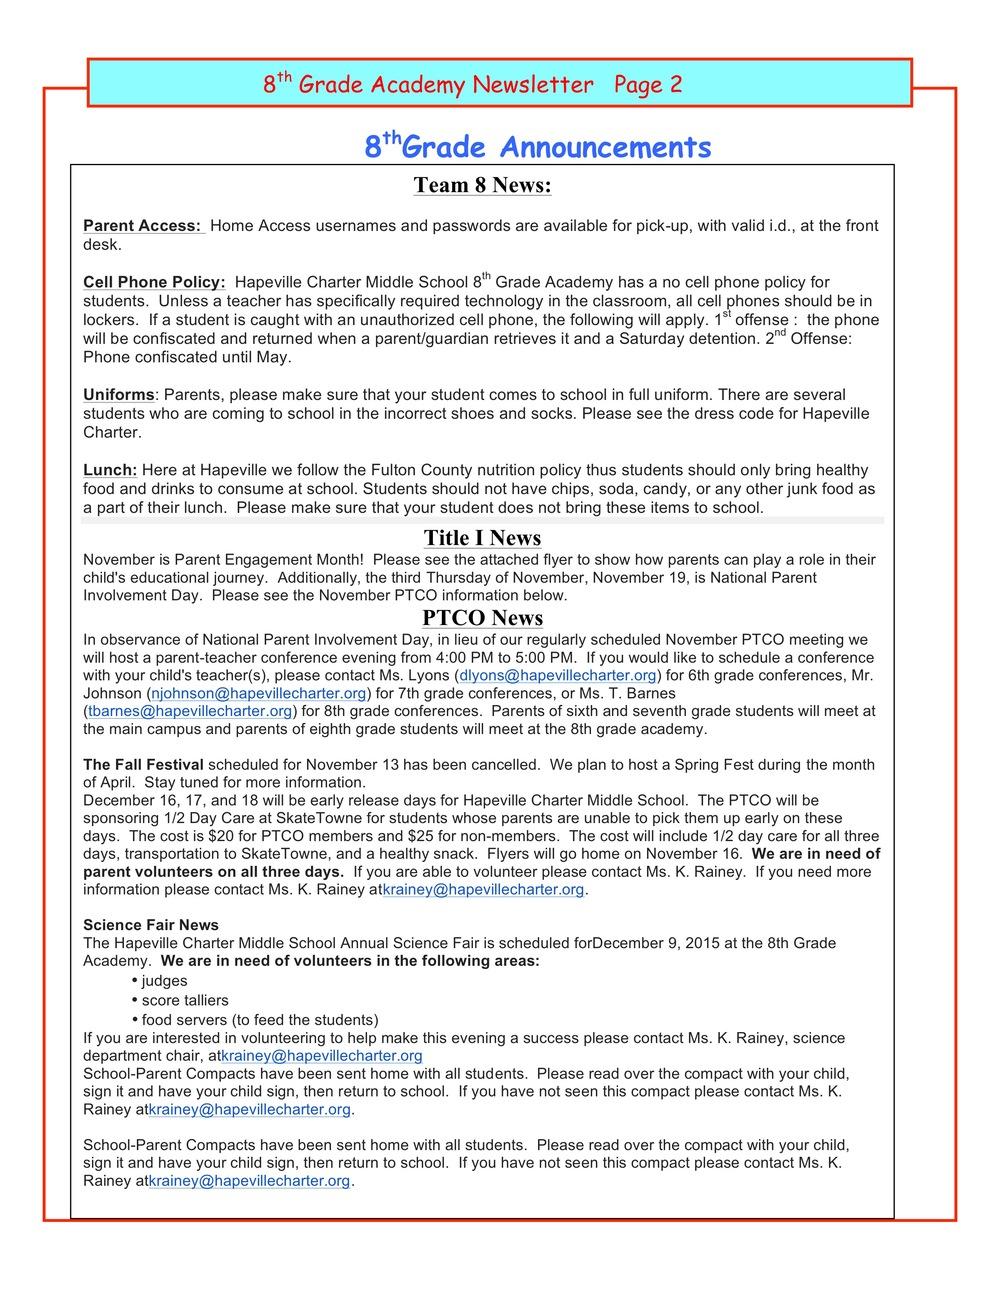 Newsletter Image8th grade November 9 2015  2.jpeg